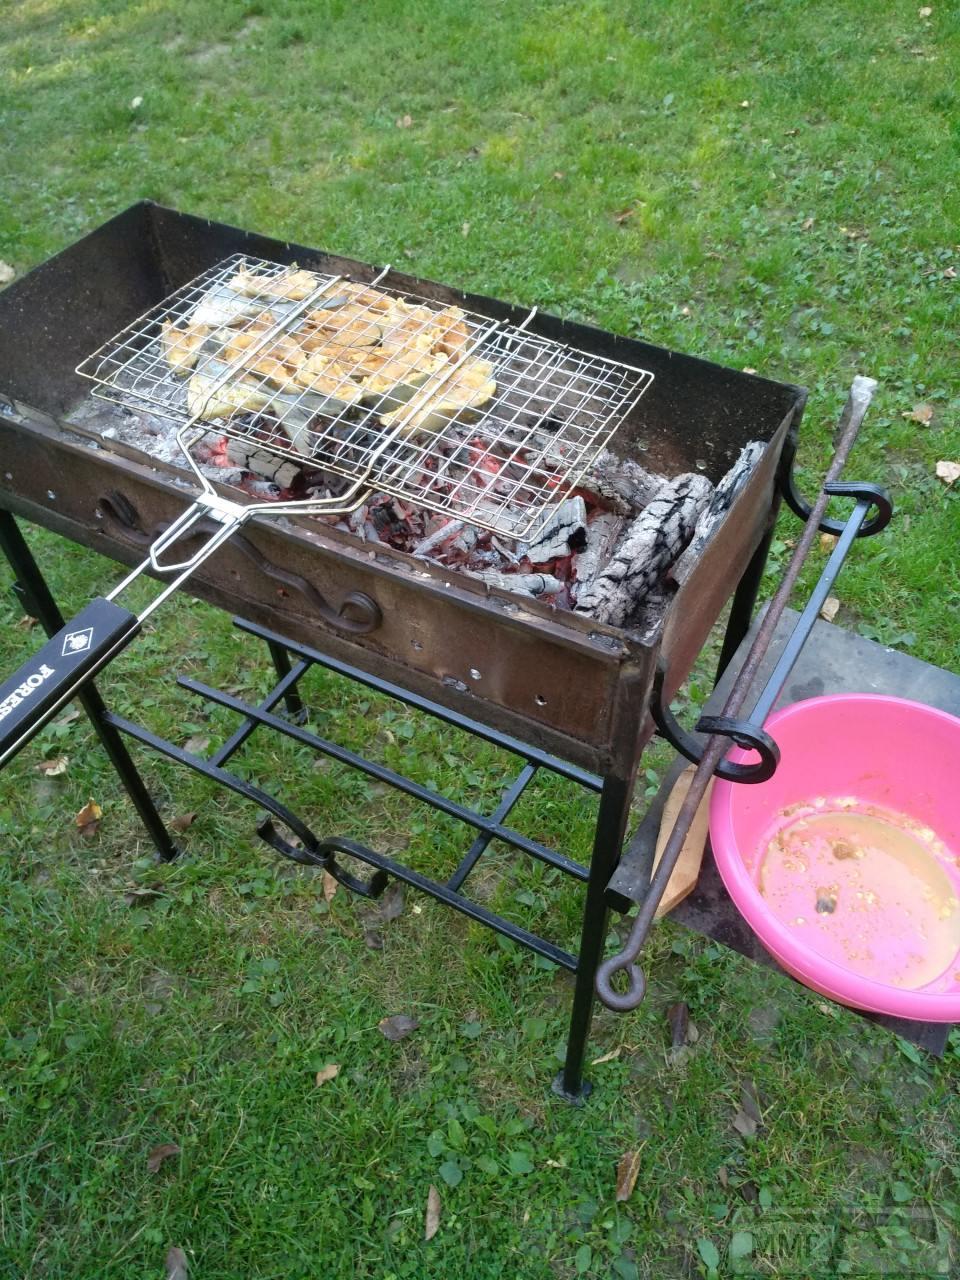 72038 - Закуски на огне (мангал, барбекю и т.д.) и кулинария вообще. Советы и рецепты.